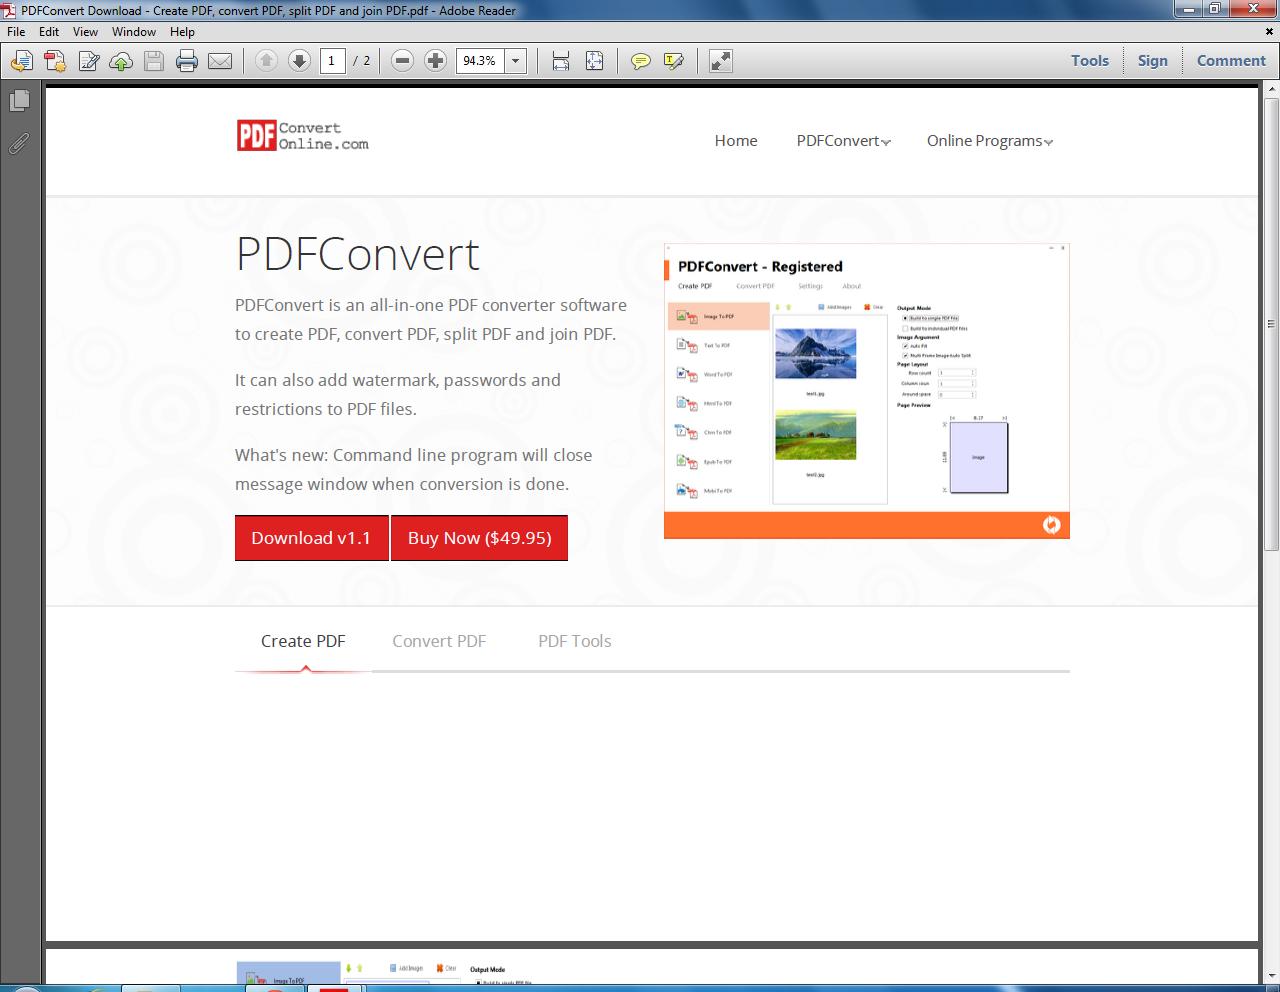 PDF Tips - Best PDF Reader for Windows